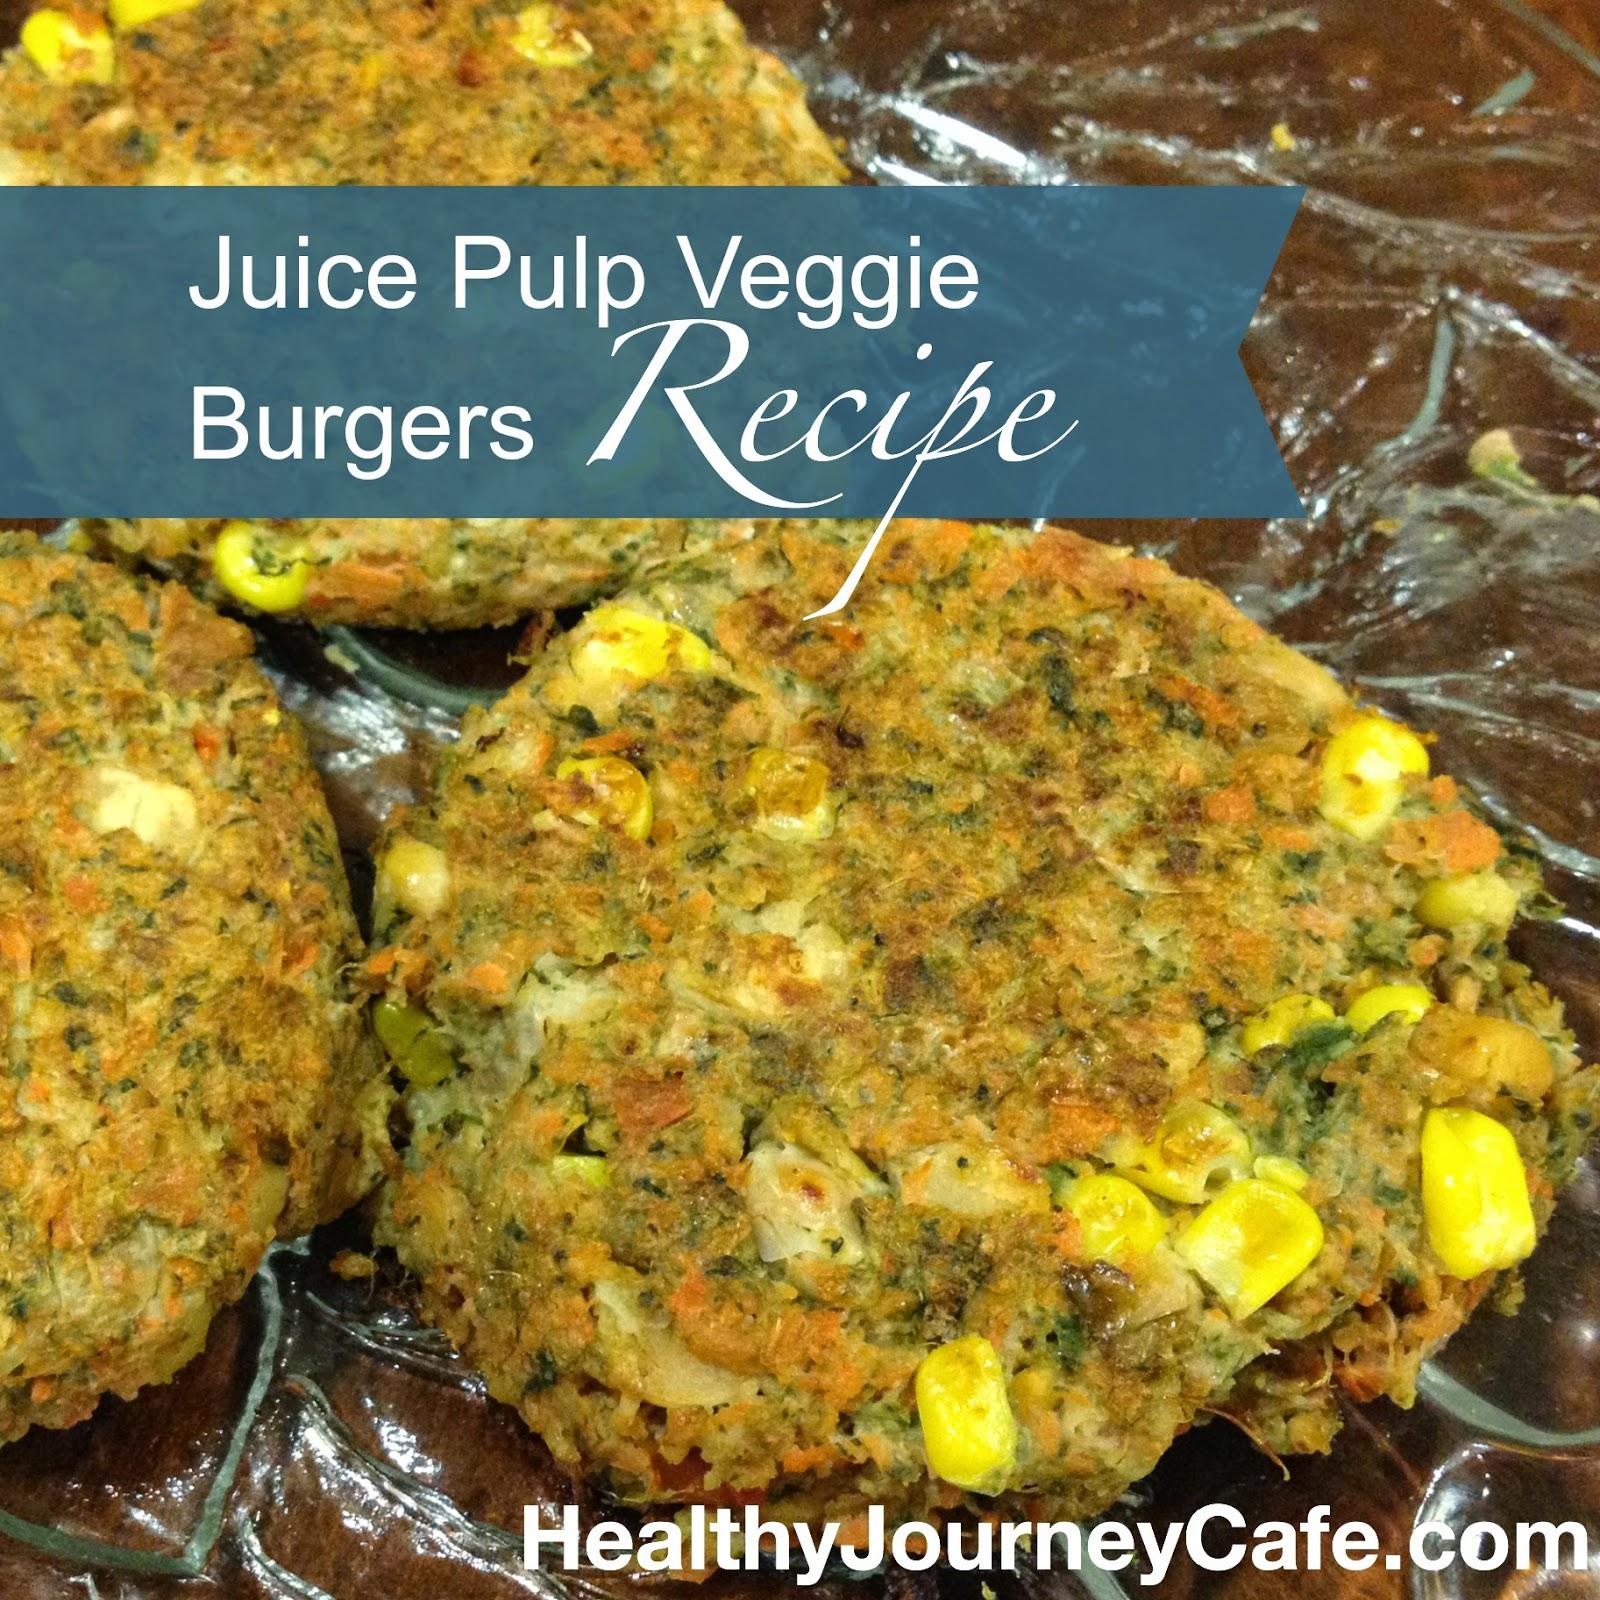 Juice Pulp Veggie Burgers Recipe